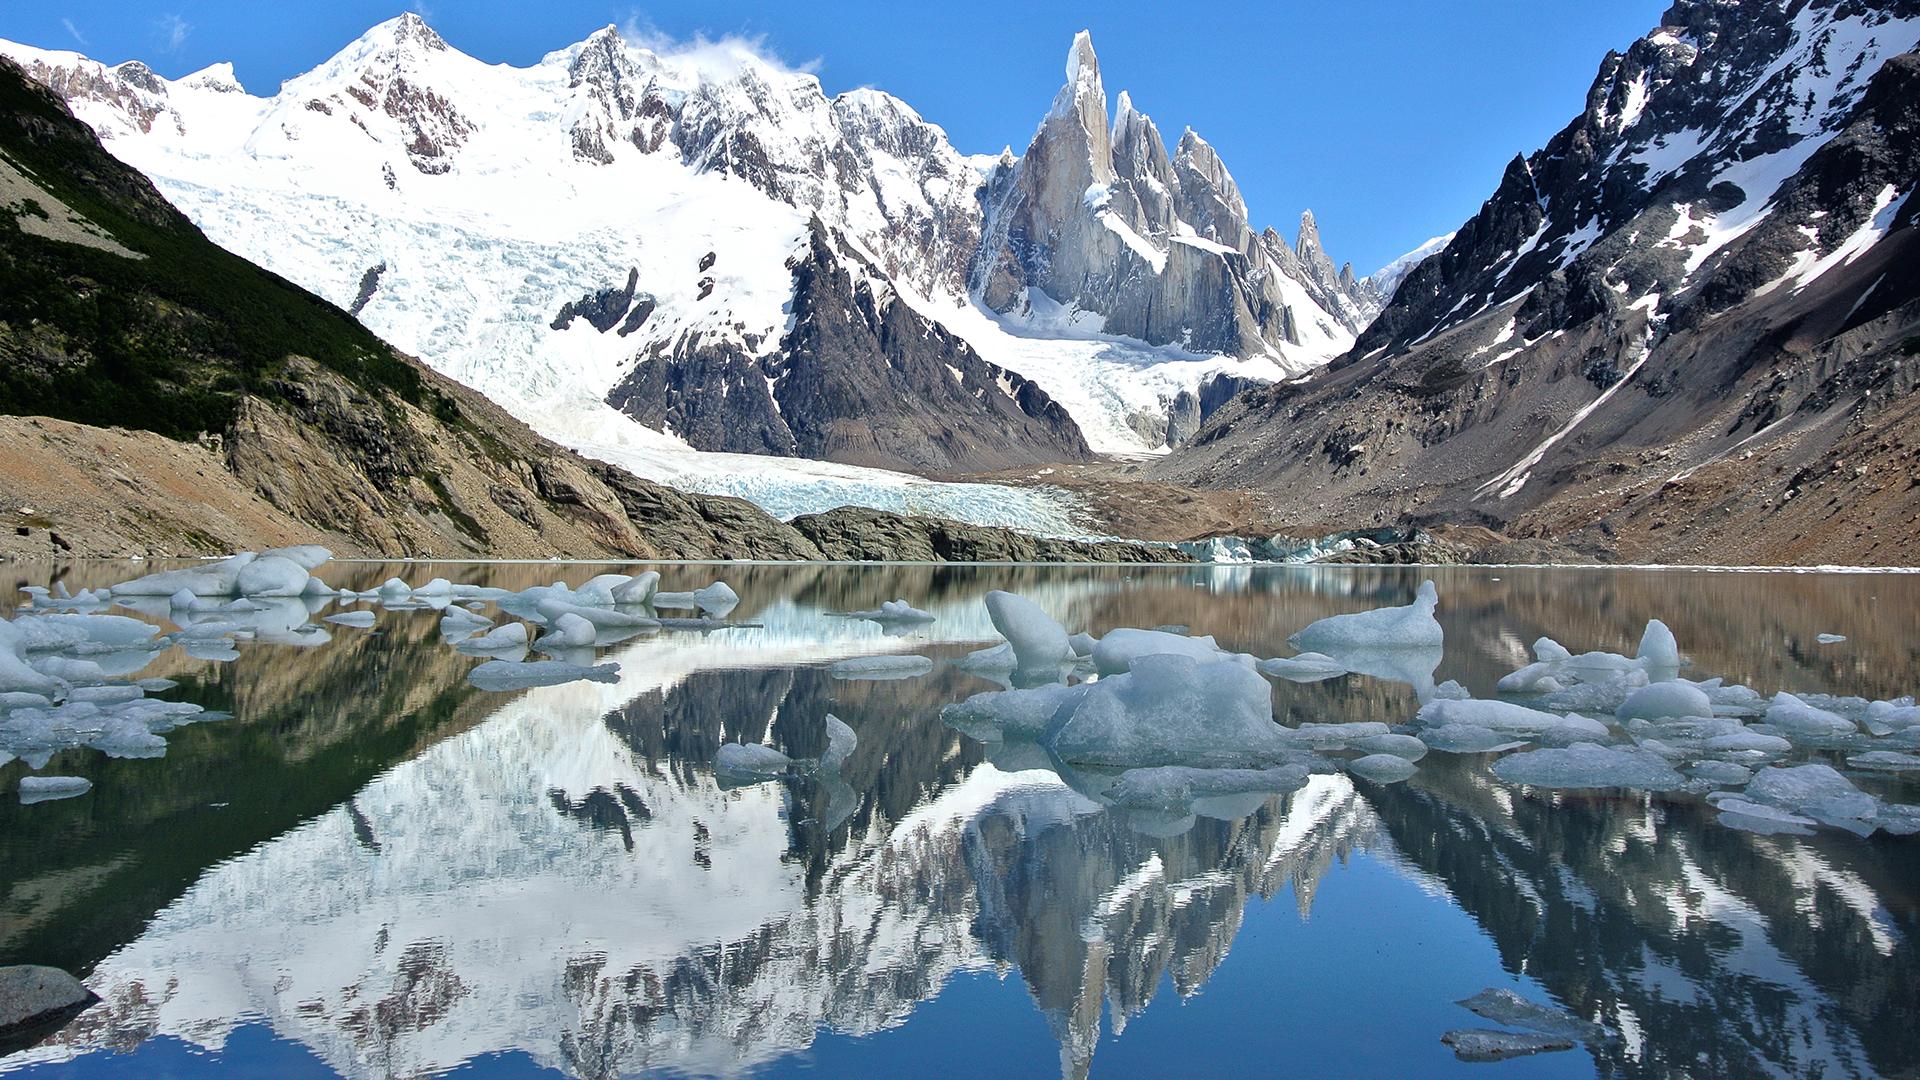 El destino es principalmente elegido por amantes del trekking o escaladores que buscan vivir nuevas experiencias (iStock)